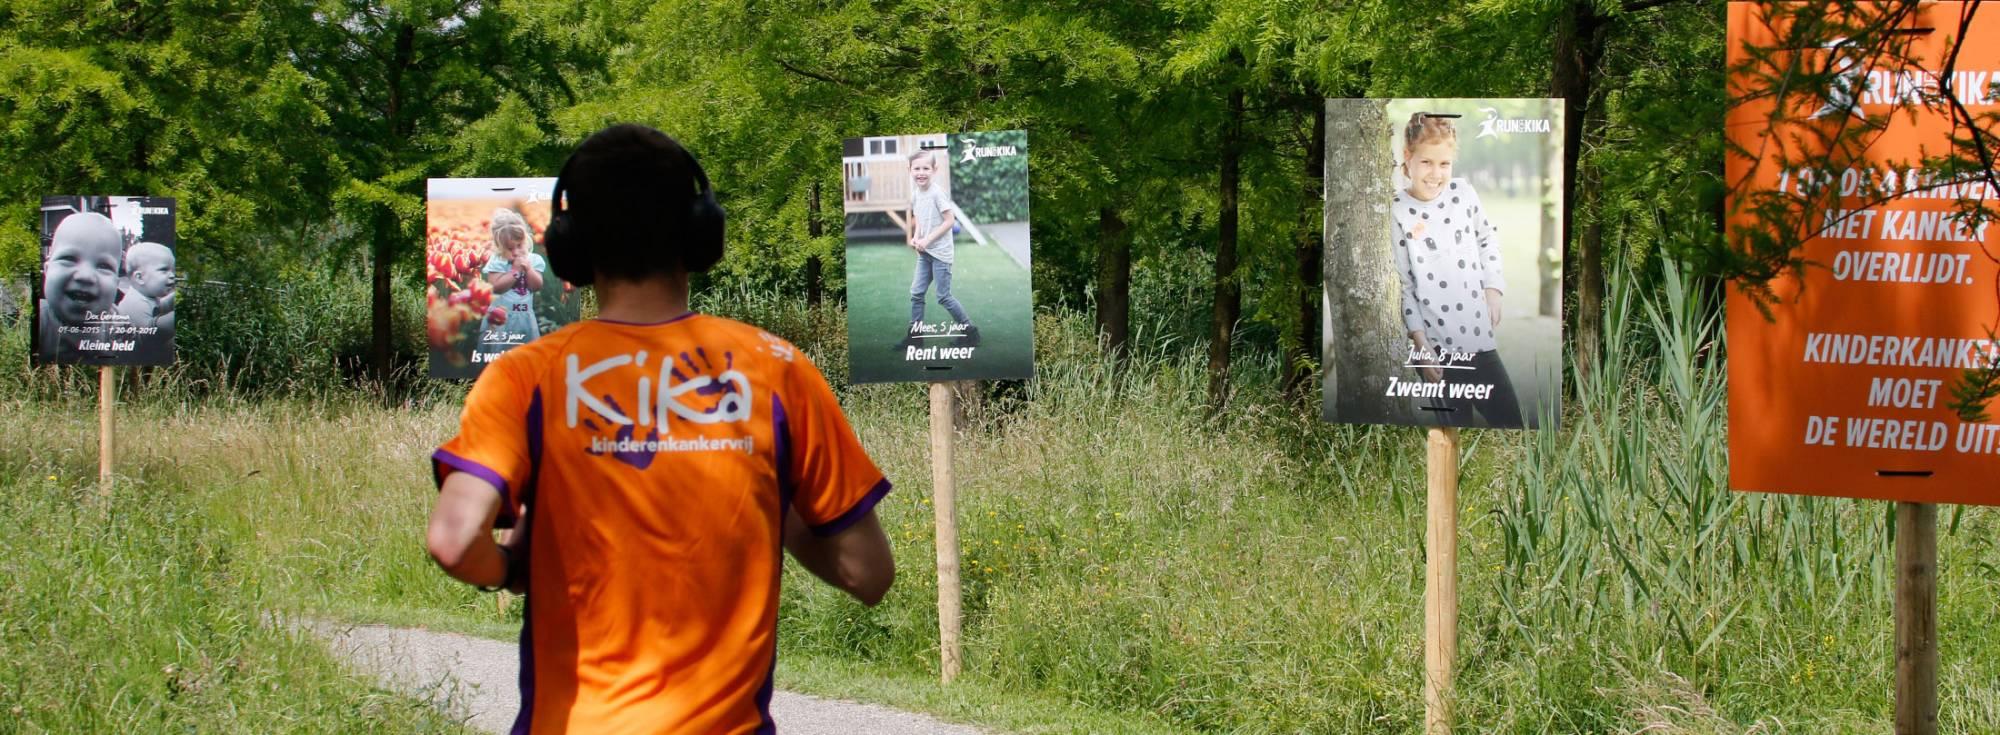 10 km runner komt voorbij de indrukkwekkende borden langs de route van Run for KiKa